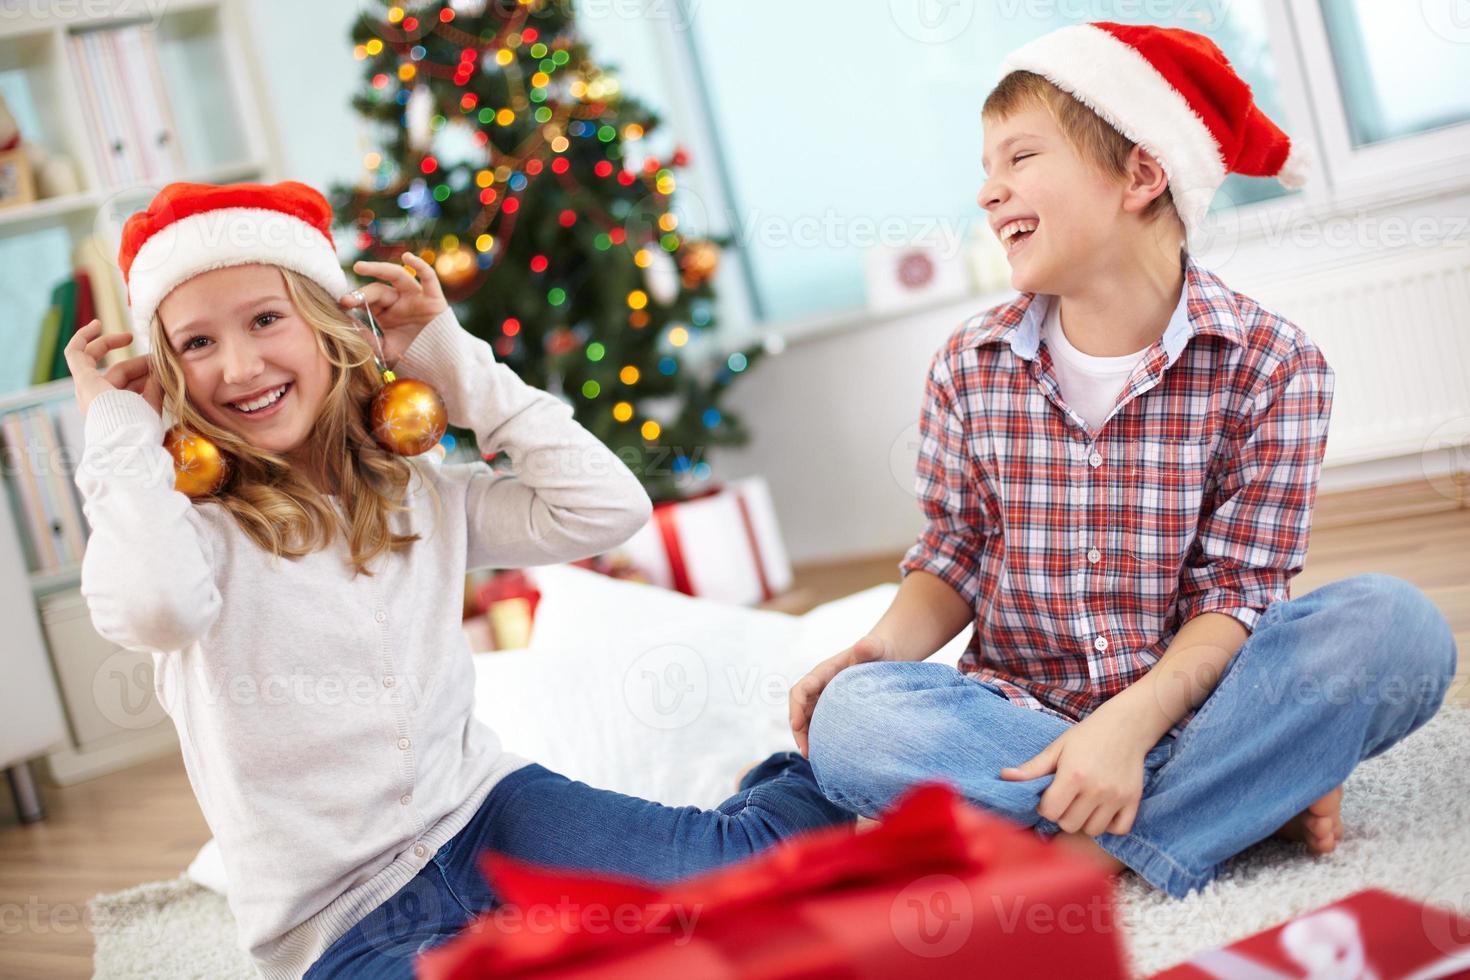 divertimento natalizio foto